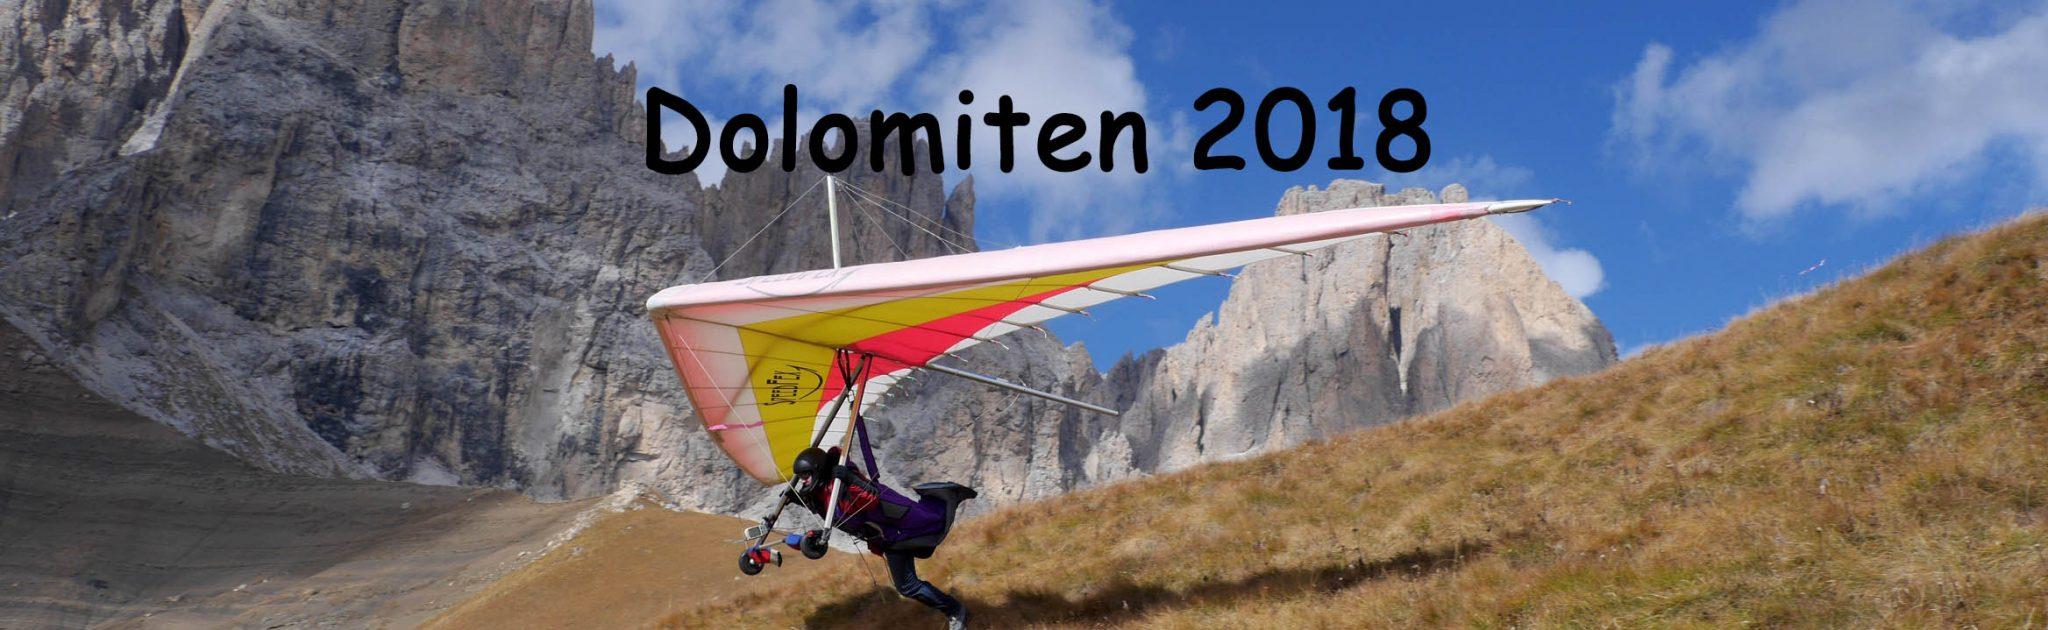 Drachenflieger in den Dolomiten startet